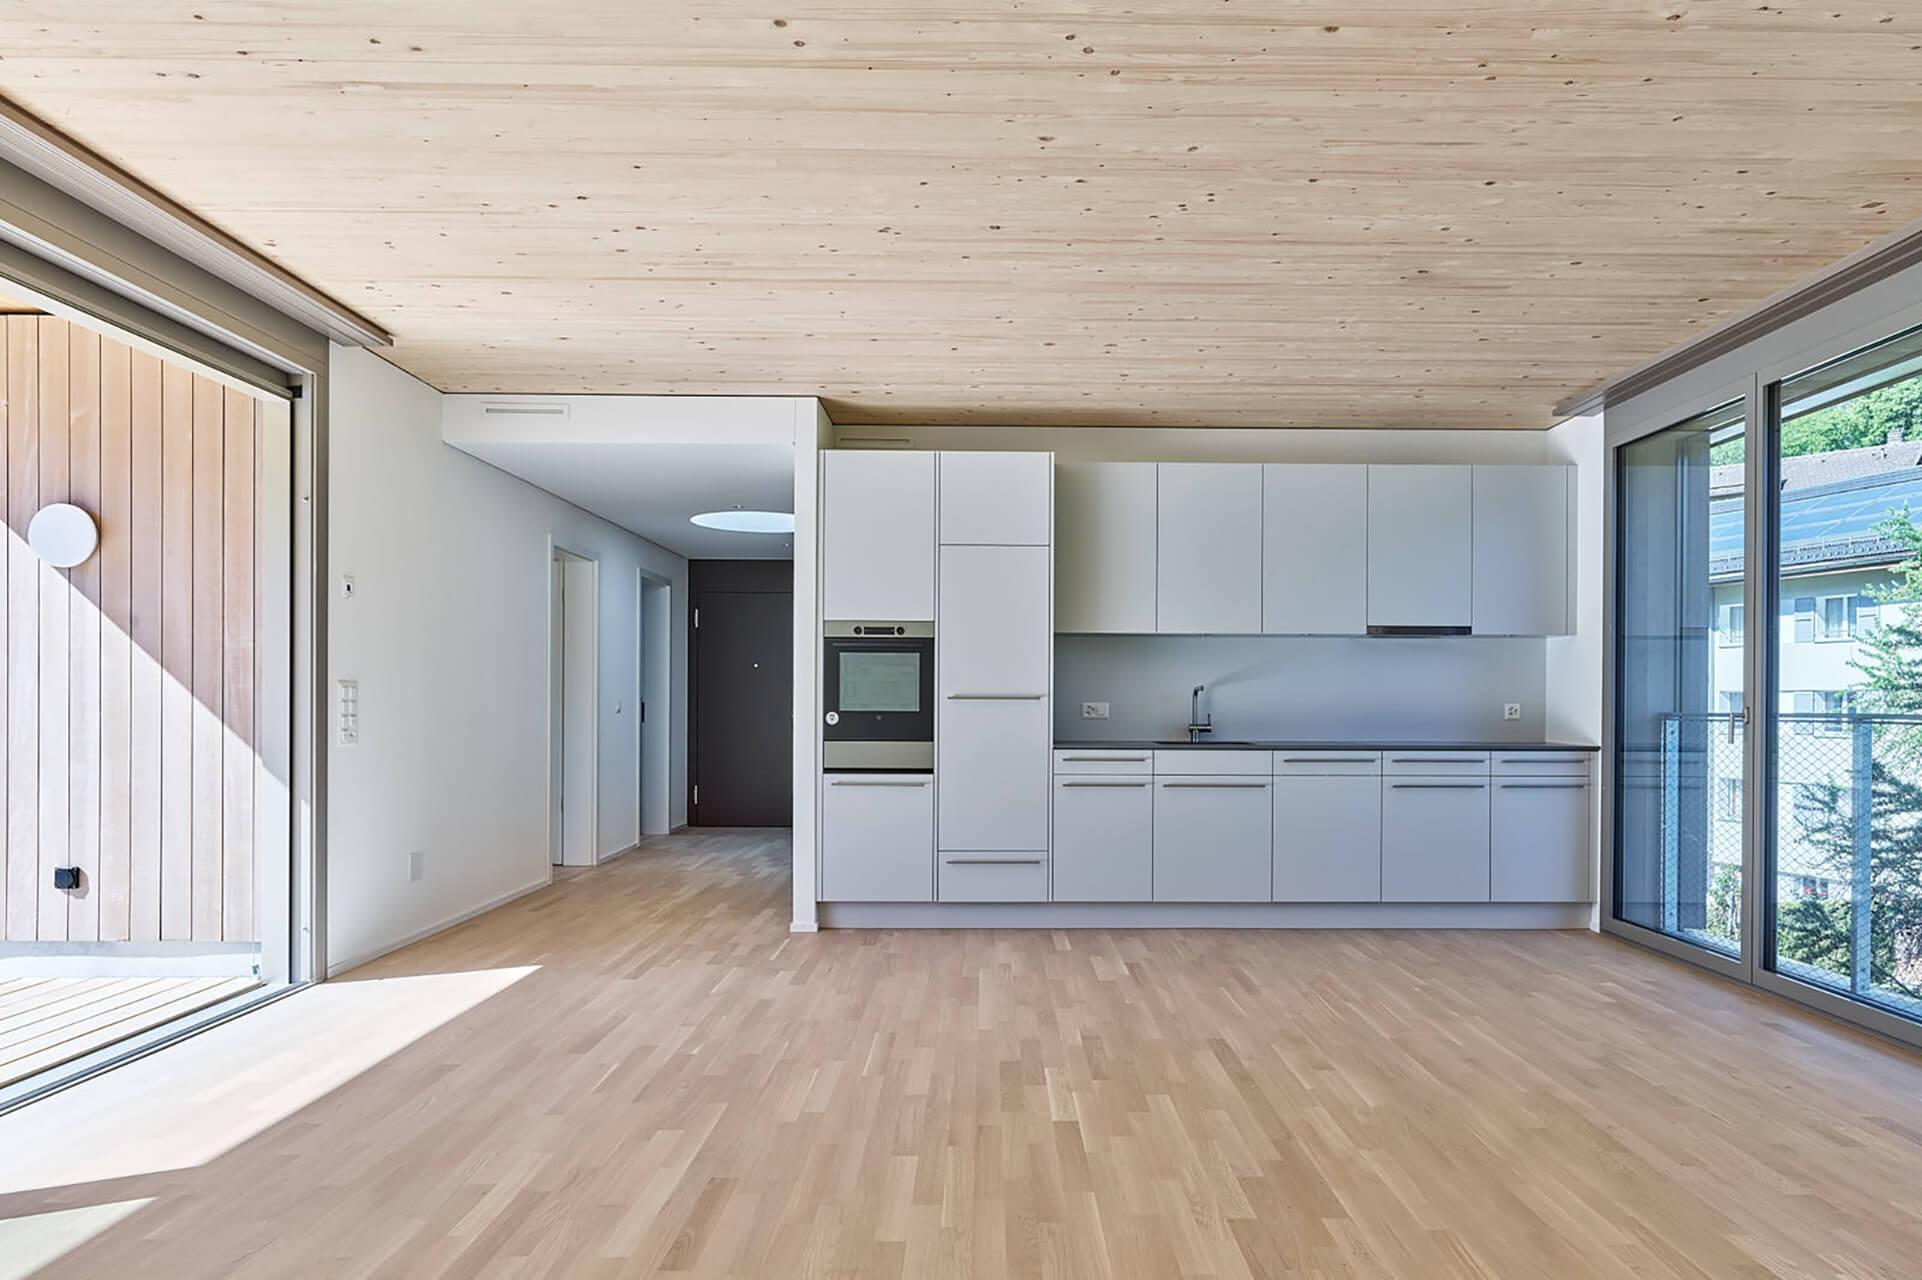 https://fsw-kreatektur.ch/wp-content/uploads/Fsw-Kreatektur-Architektur-Bauleitung-Migros-Wohnung-Kueche-tiny.jpg